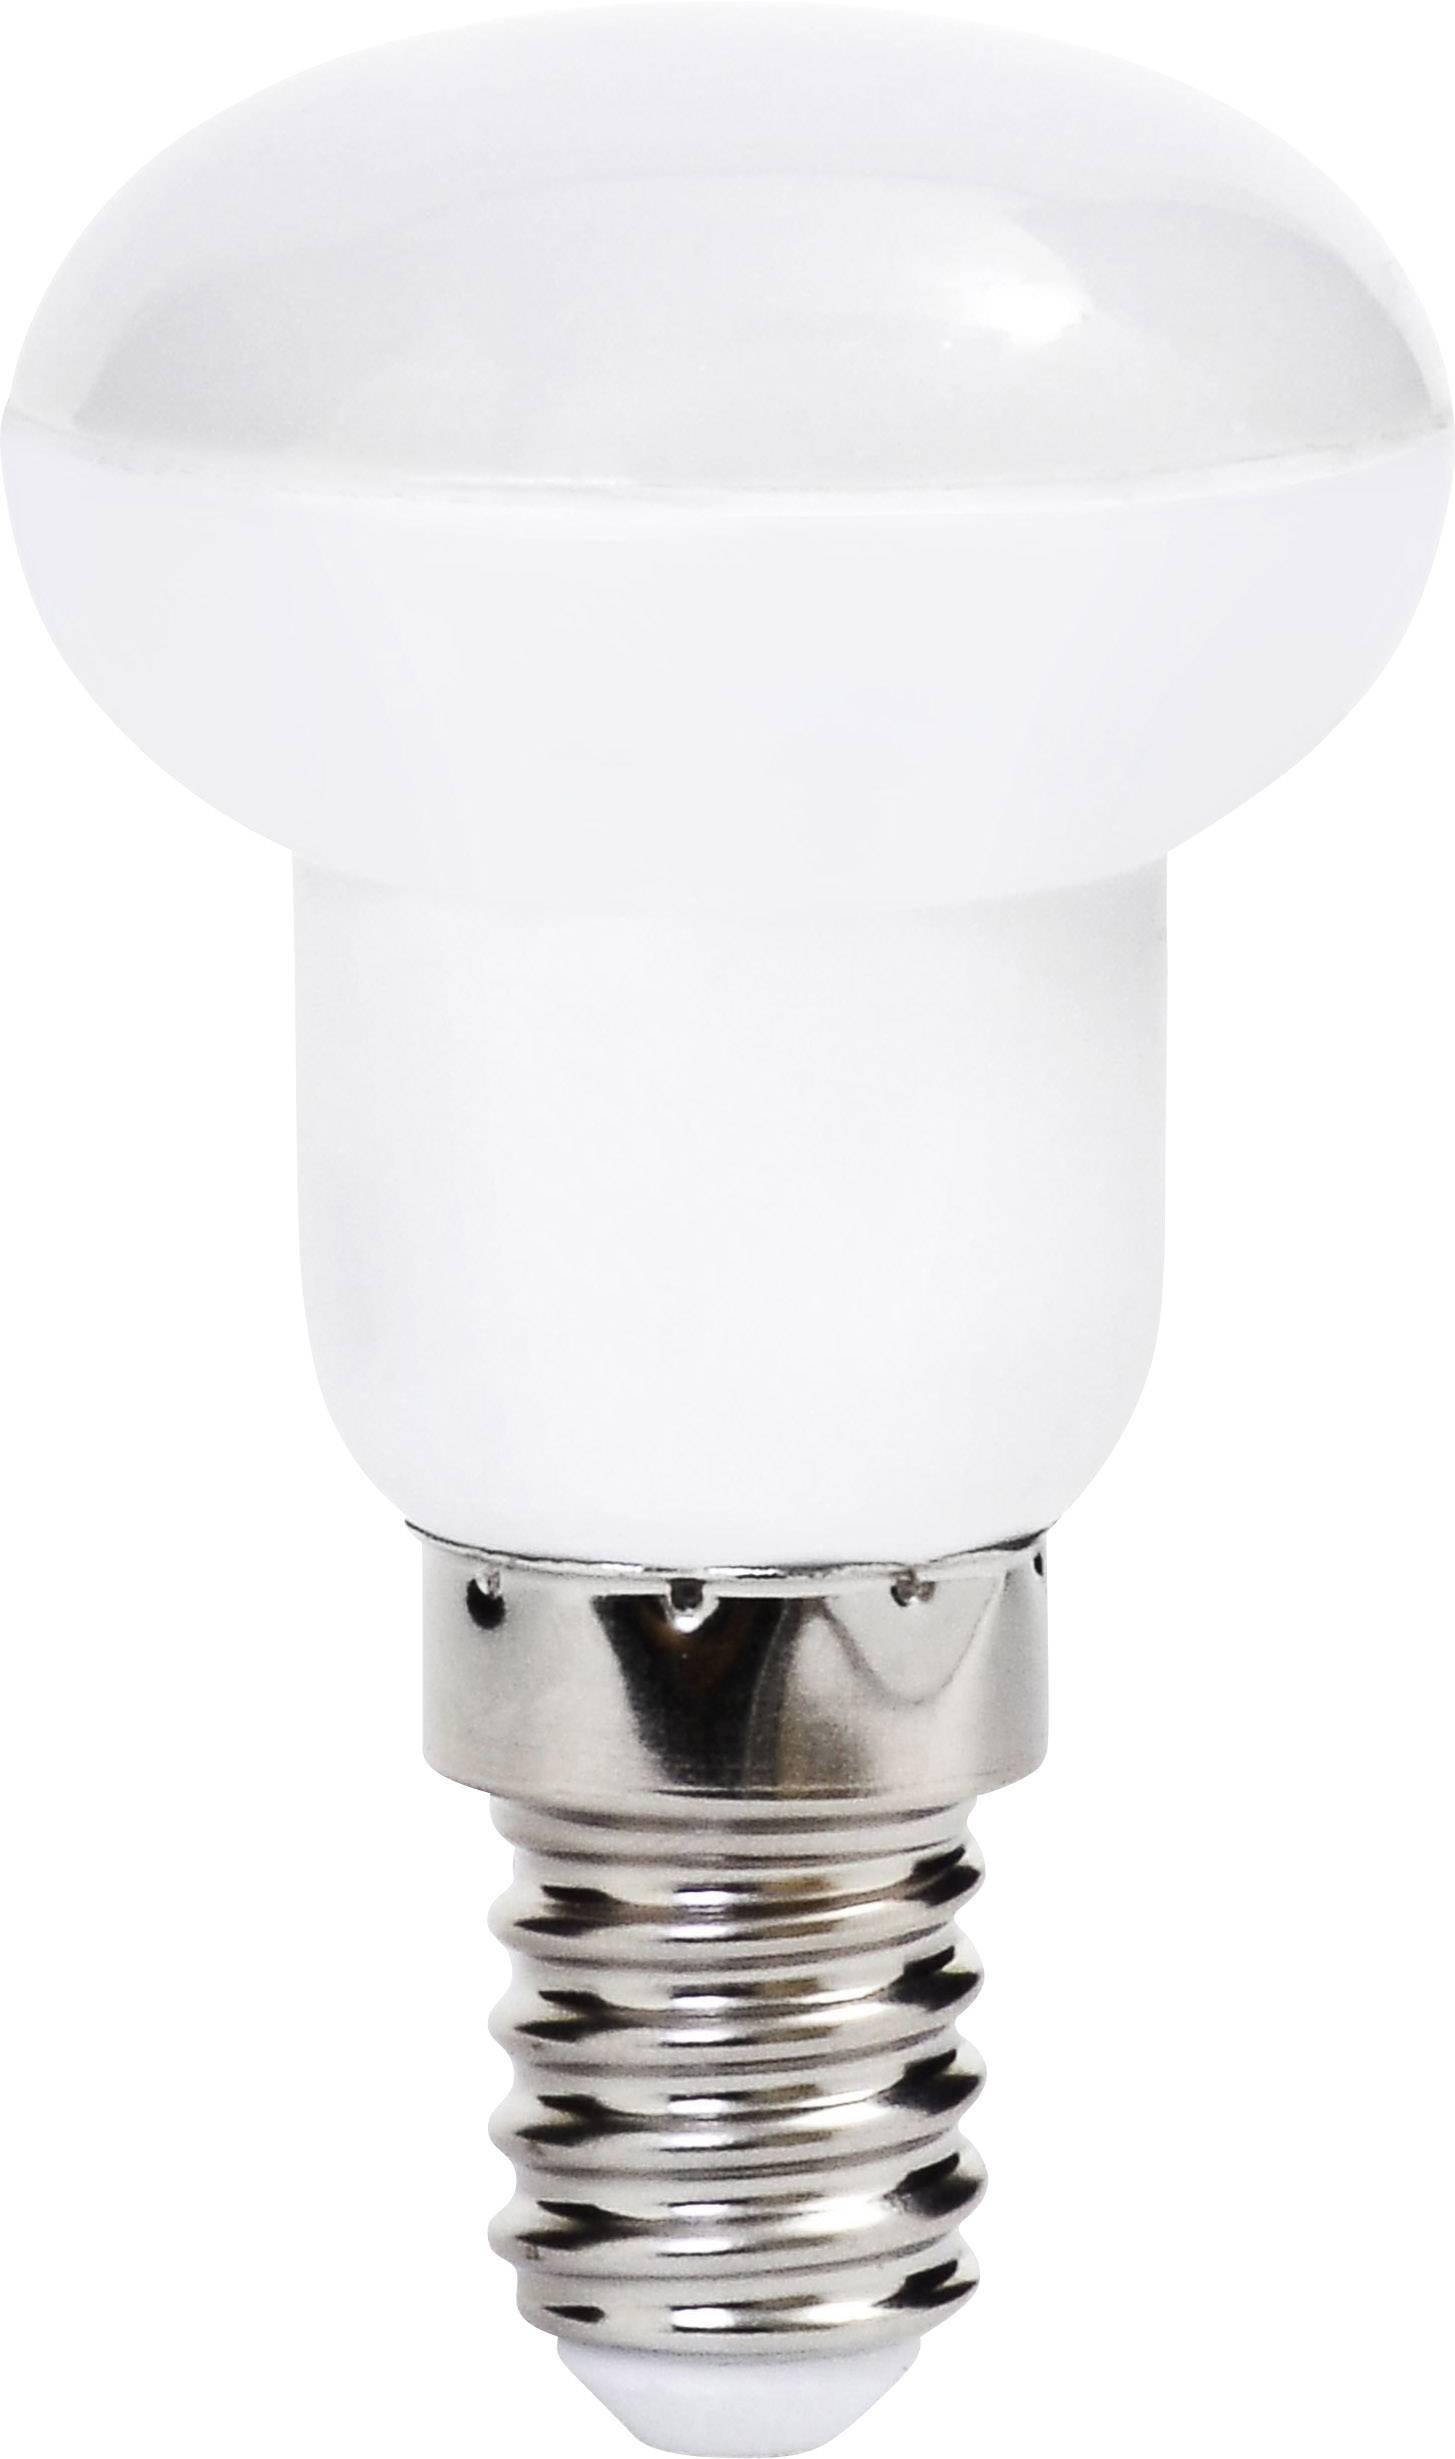 LED žiarovka Müller Licht 400068 230 V, 3 W = 21 W, teplá biela, A+, 1 ks